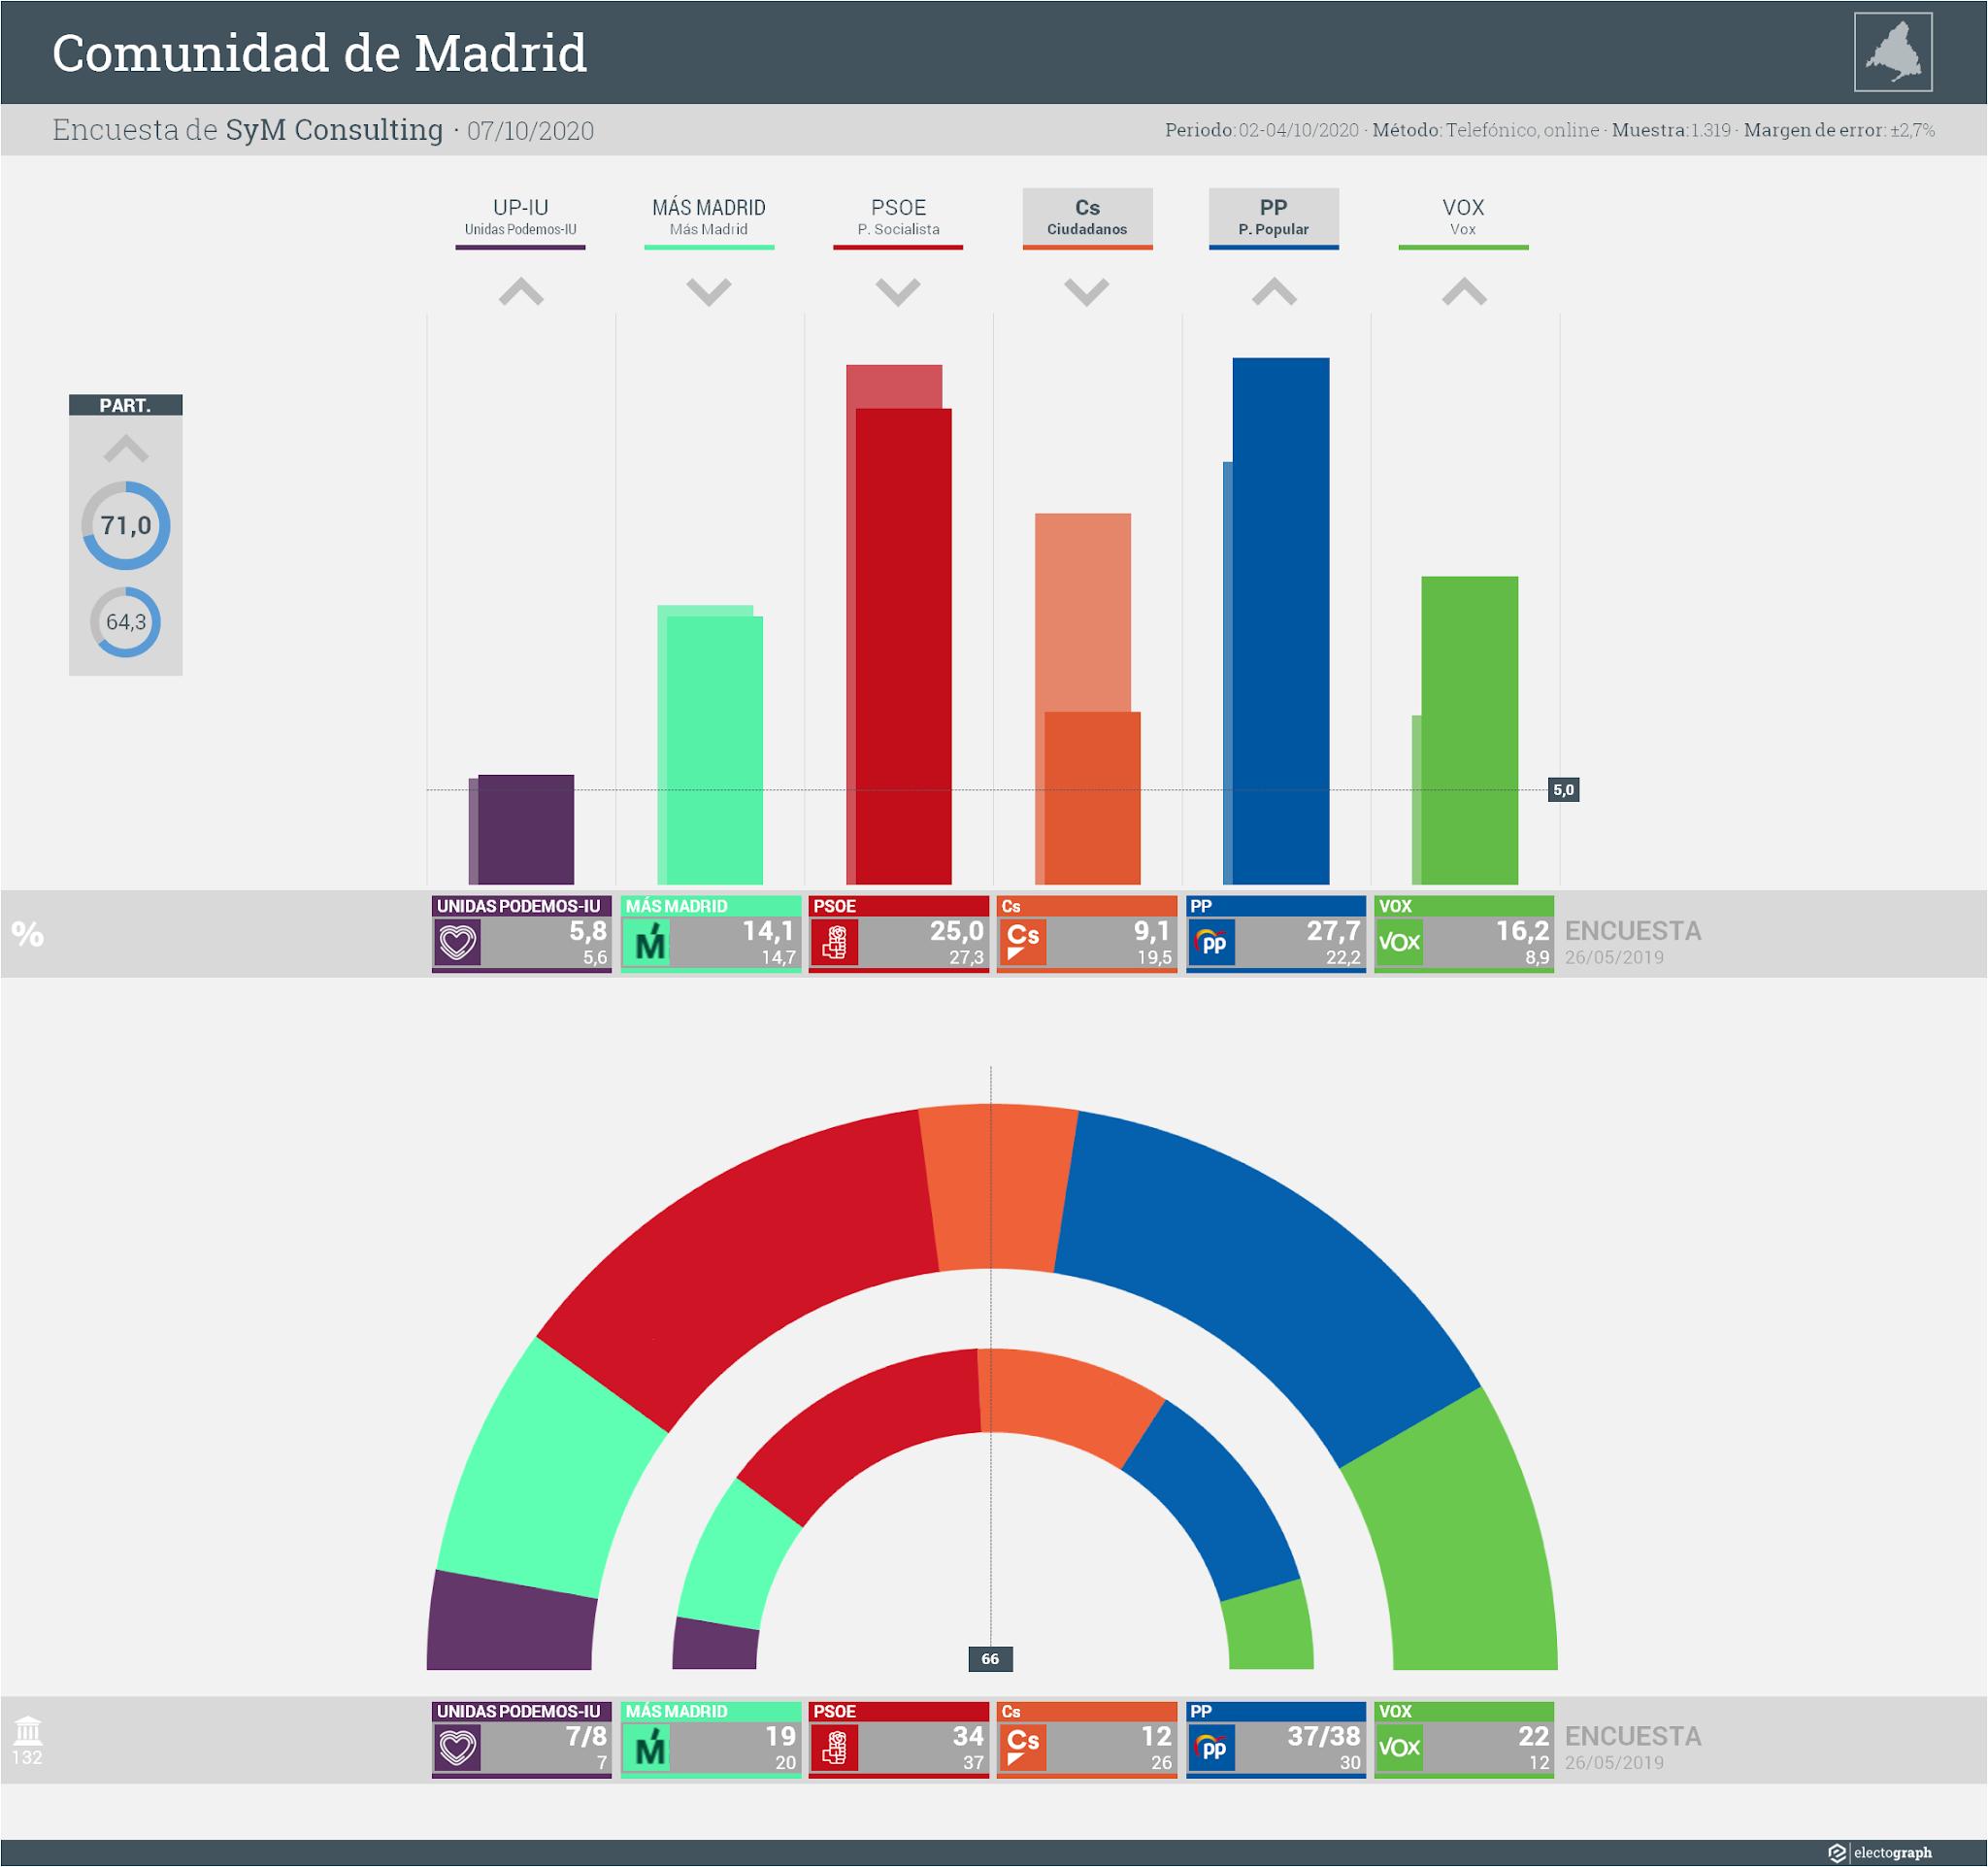 Gráfico de la encuesta para elecciones autonómicas en la Comunidad de Madrid realizada por SyM Consulting, 7 de octubre de 2020